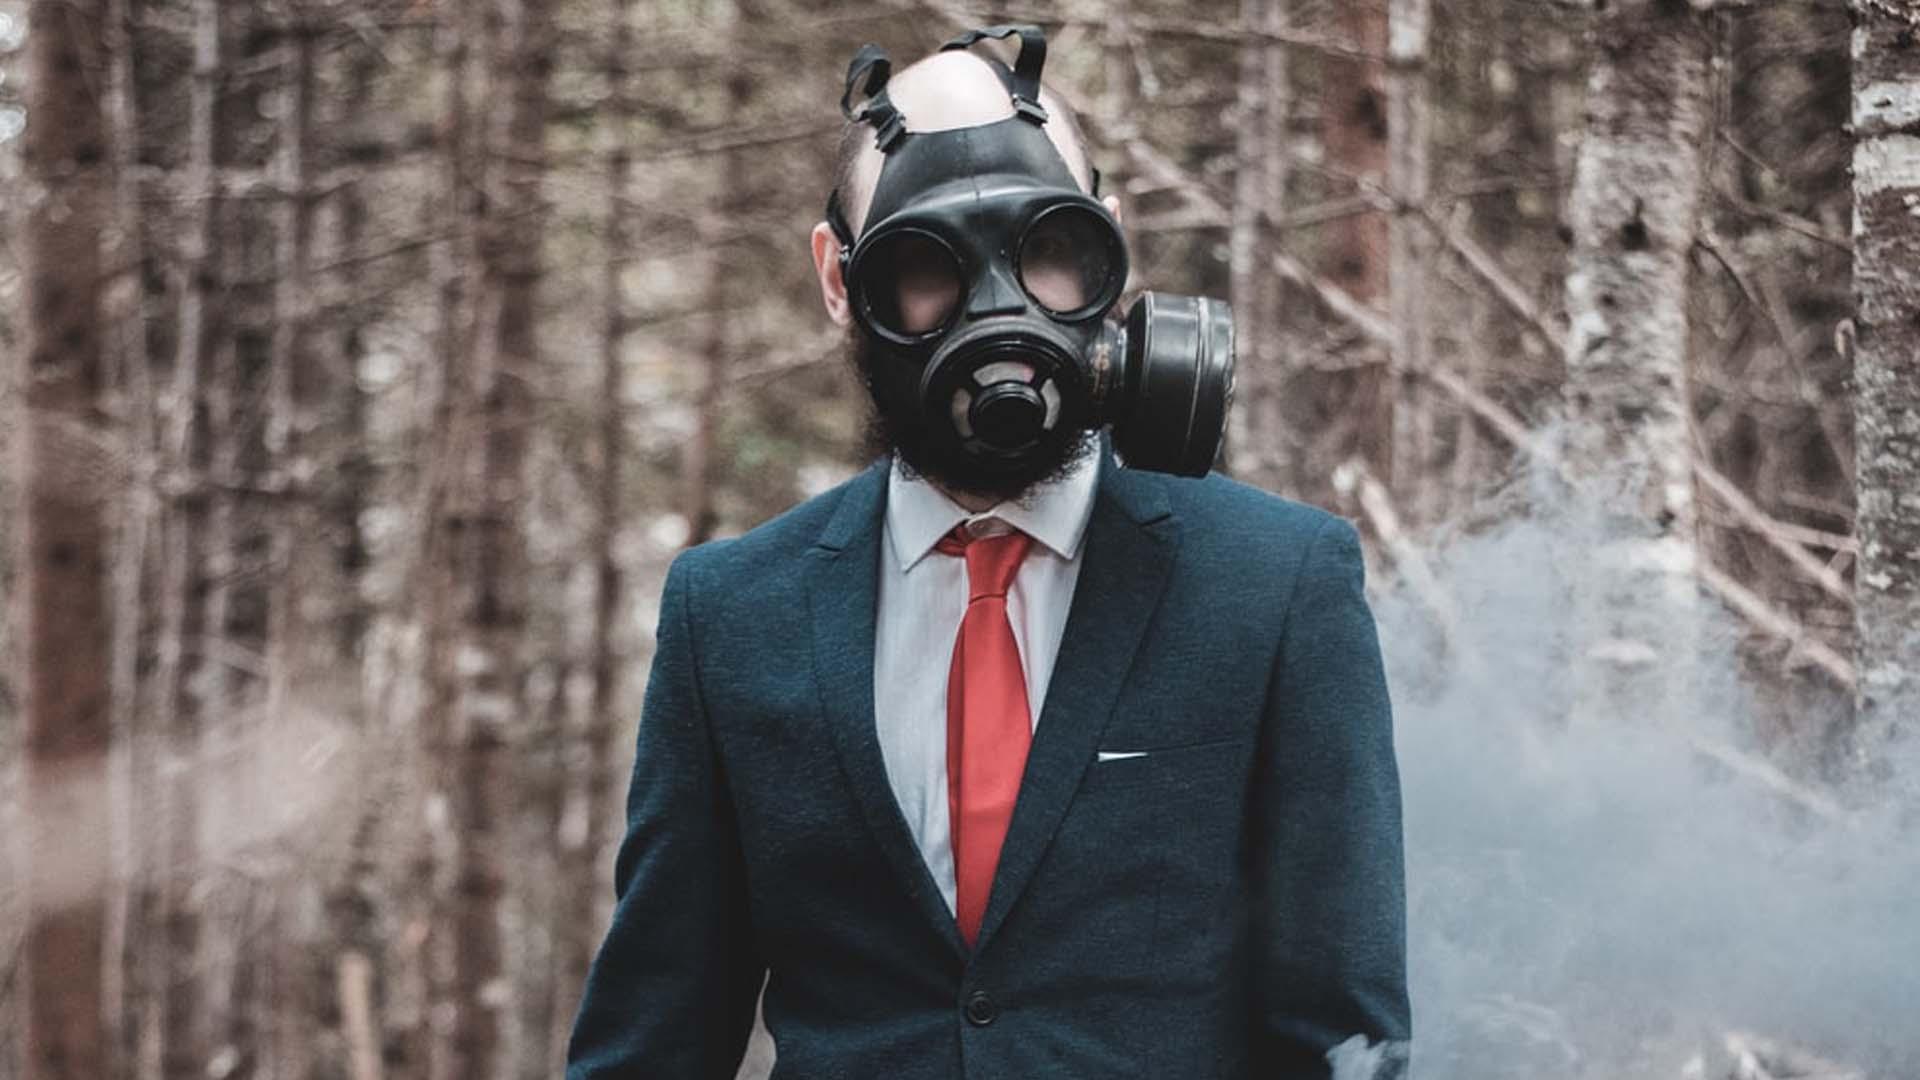 In Italia faranno un deposito di rifiuti nucleari. Dobbiamo preoccuparci?